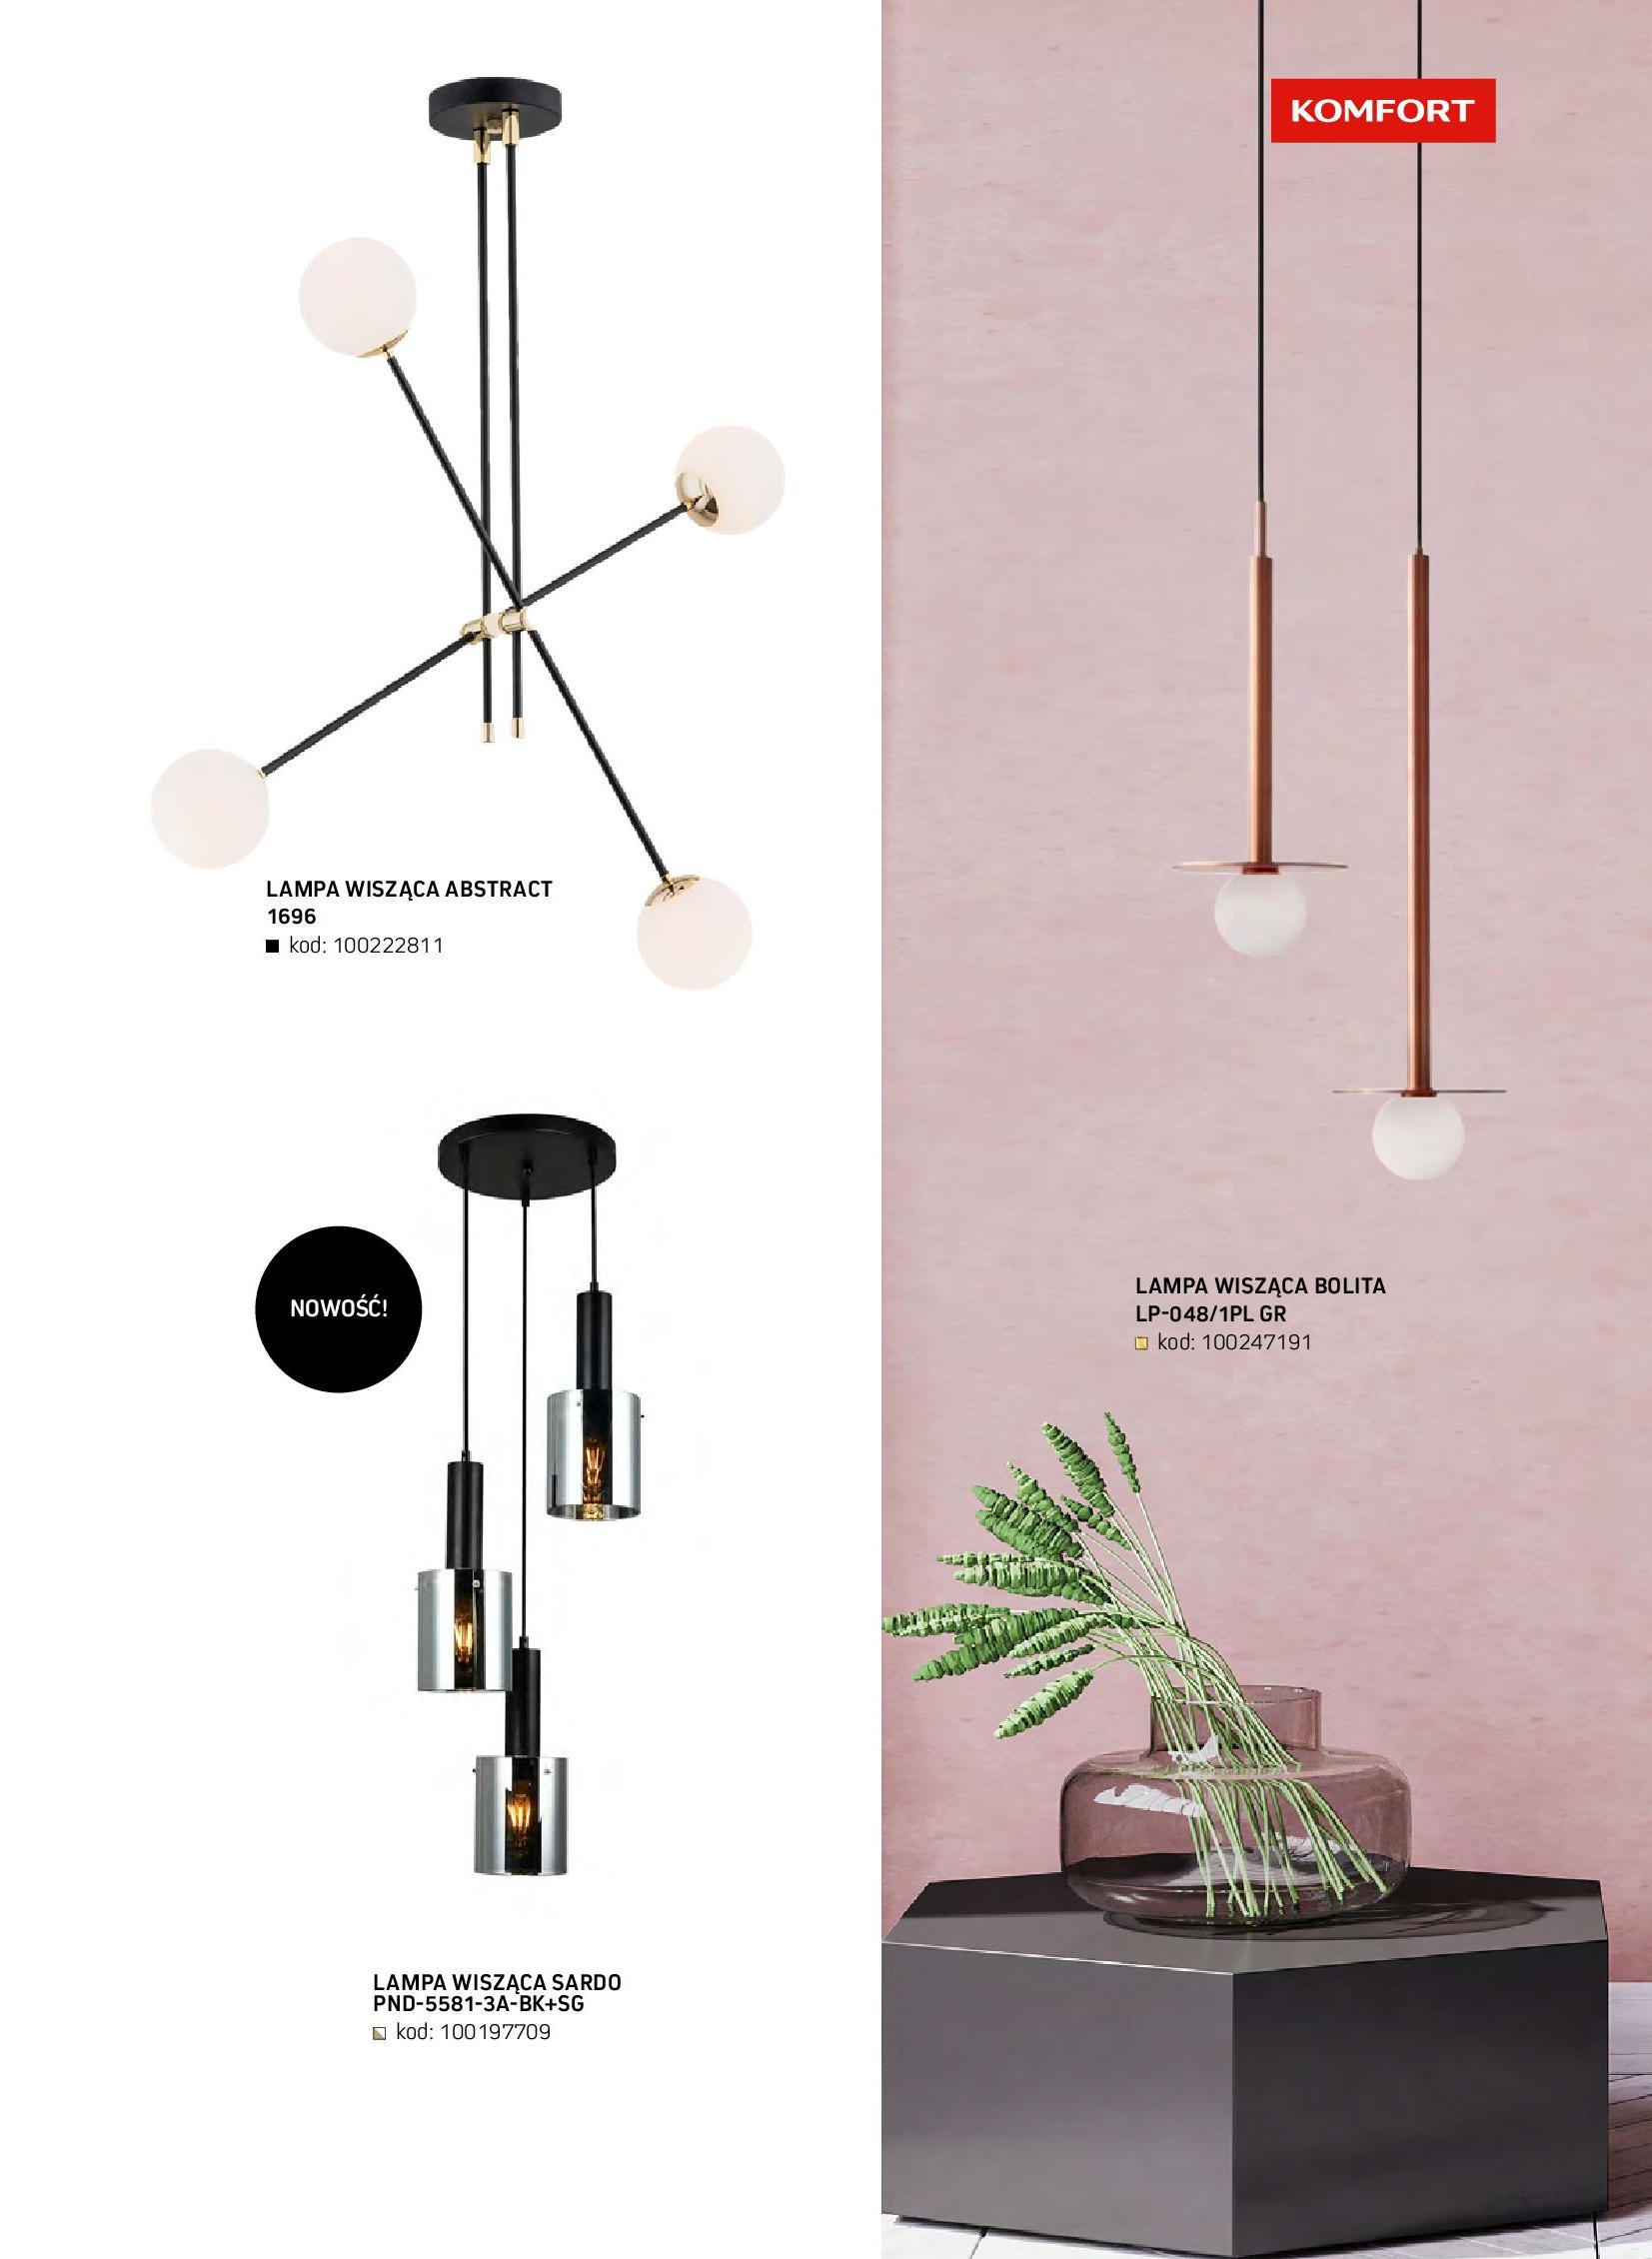 Gazetka Komfort: Gazetka komfort - Meble i oświetlenie 2021-08-26 page-73